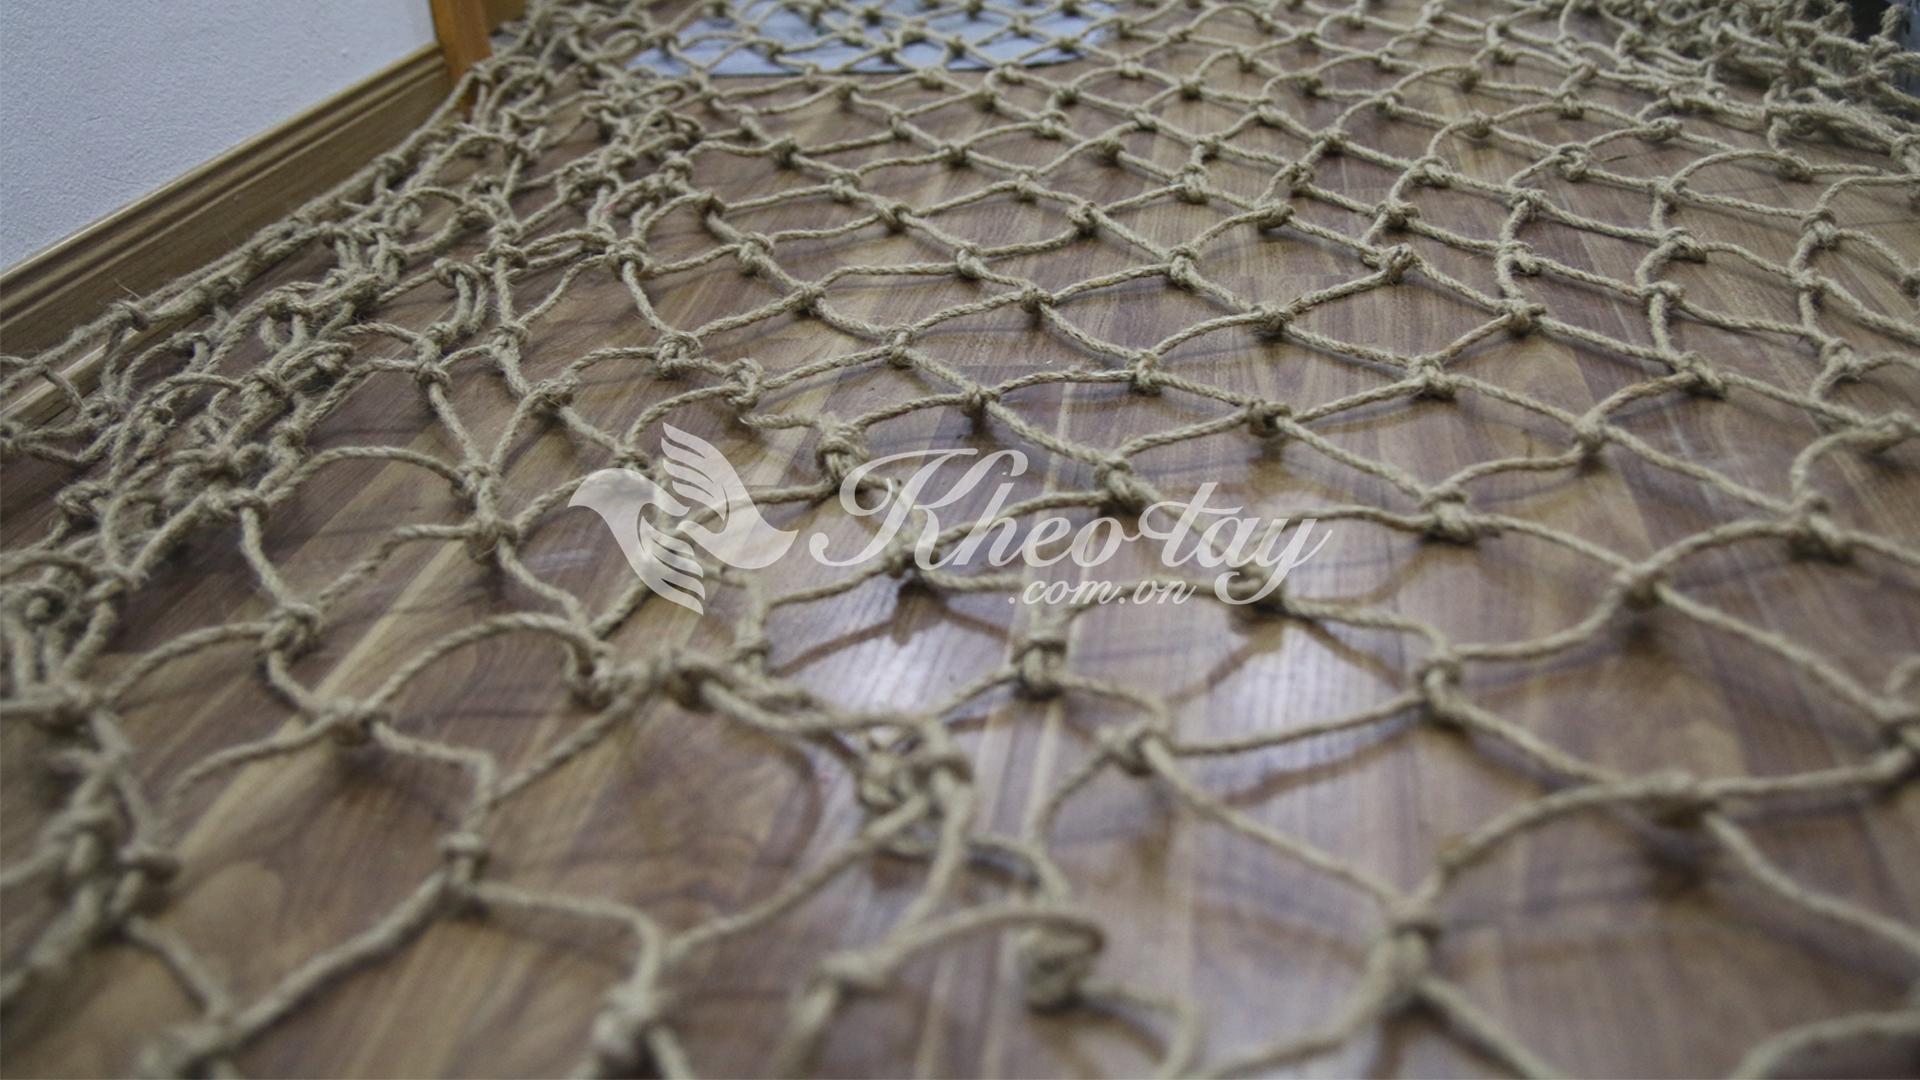 Lưới dây thừng trang trí - Đường kính dây: 5mm - Mắt lưới 10cm